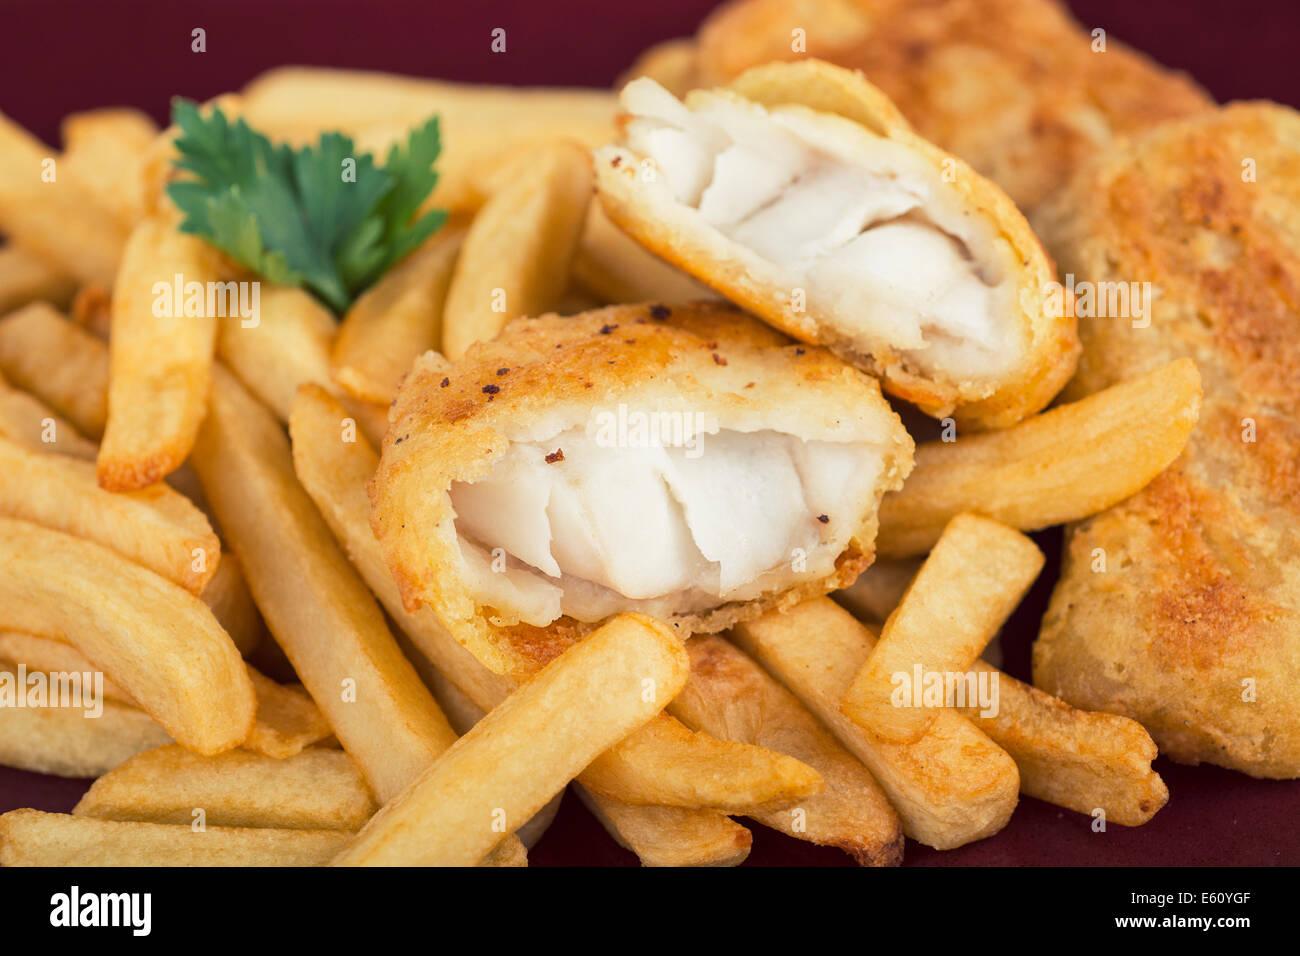 Pesce e Patatine, martoriata Filetto di pesce con patate fritte Immagini Stock